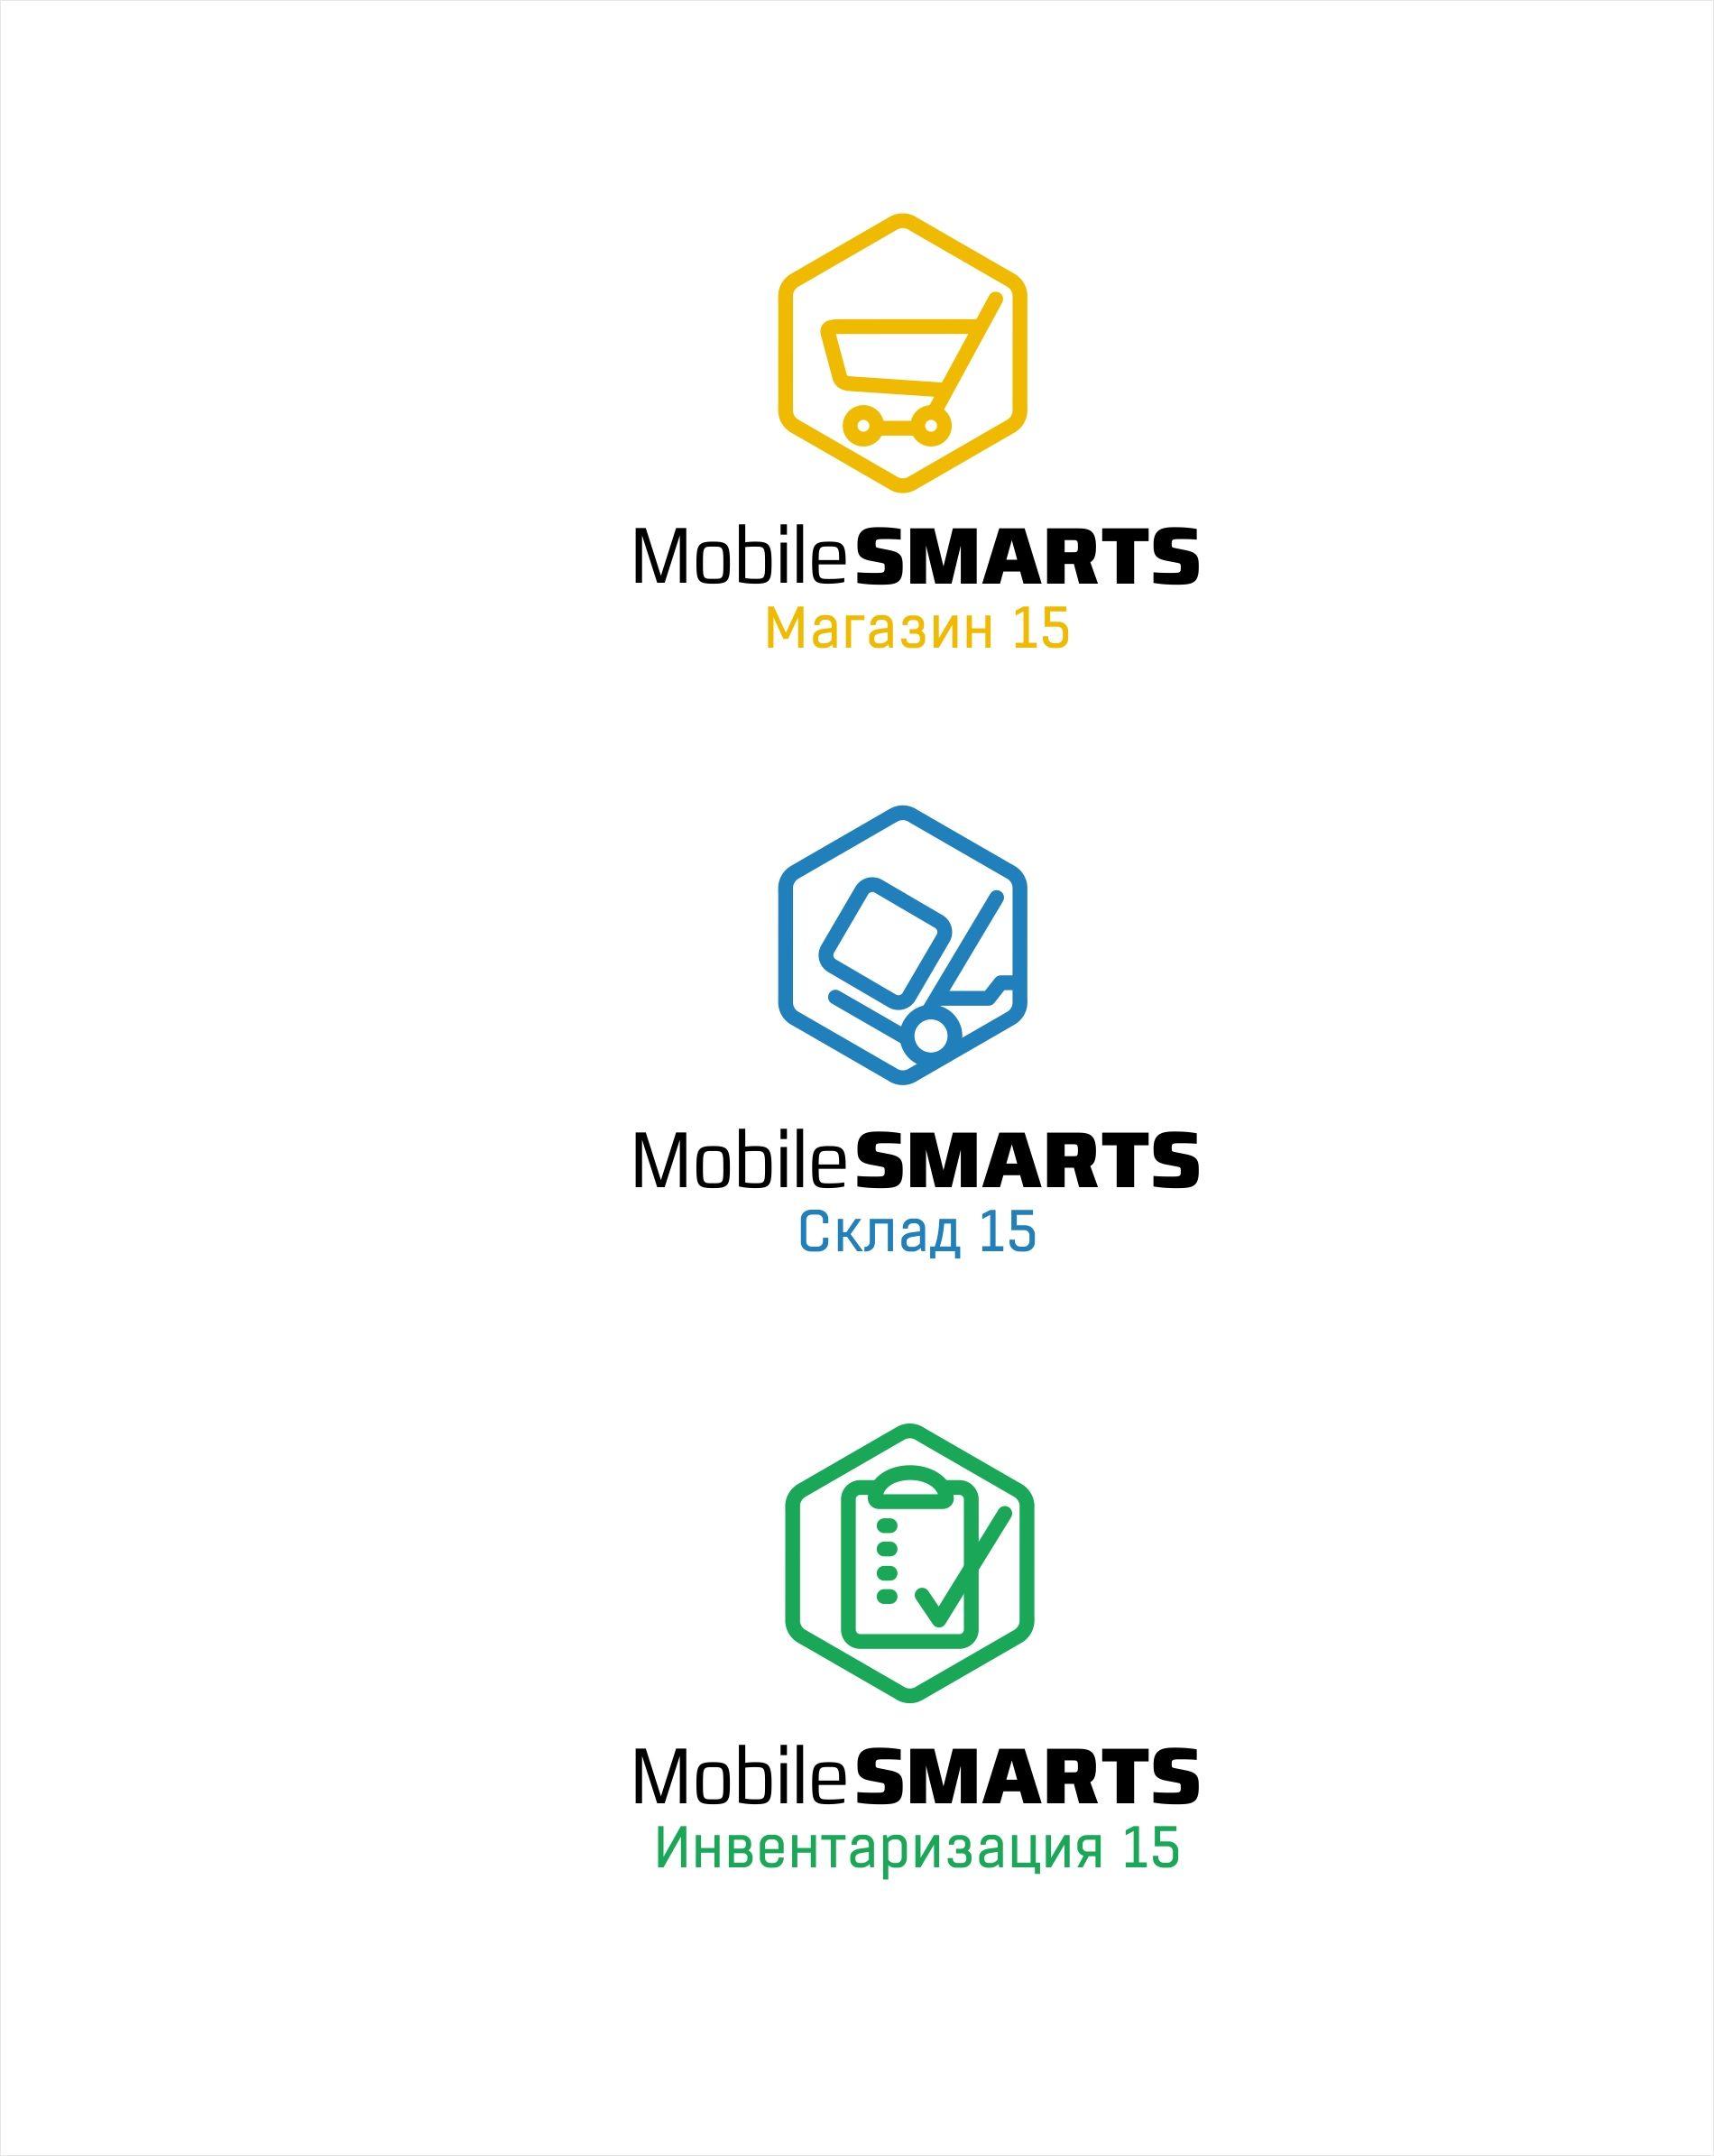 Логотипы серии программных продуктов Mobile SMARTS - дизайнер kras-sky